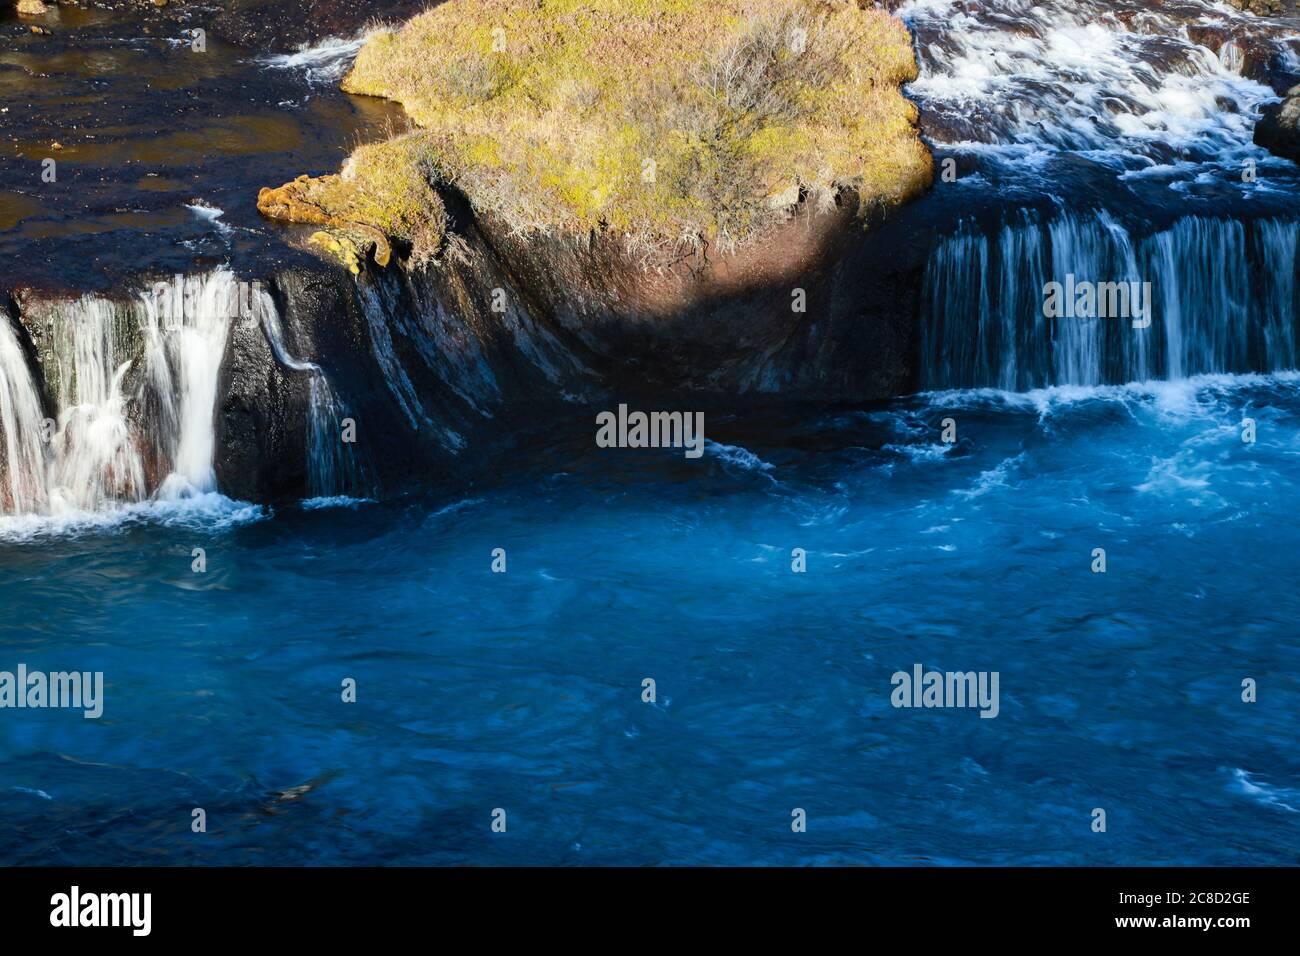 Bjarnafoss cascada en Islandia, que viene desde debajo de una gran llanura de lava. Colores de azul preciosos. Foto de stock